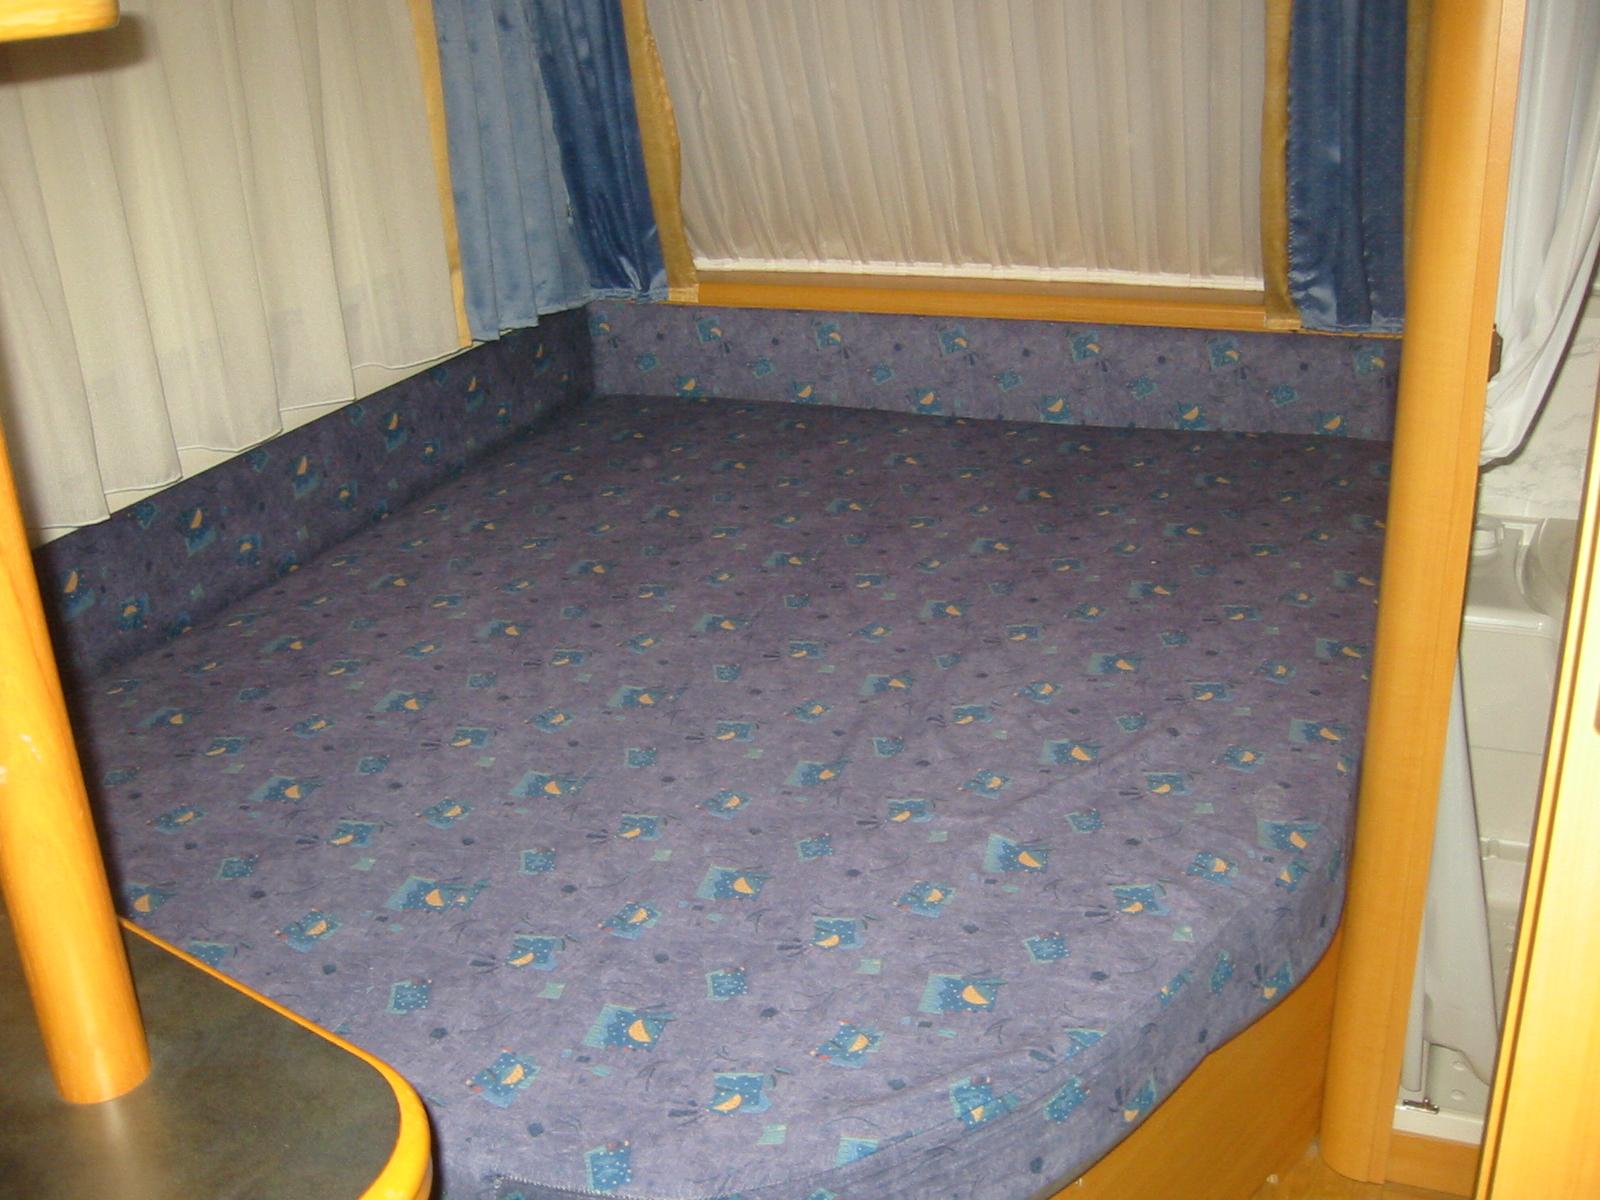 Absturzsicherung Etagenbett Wohnwagen : Unser wohnwagen